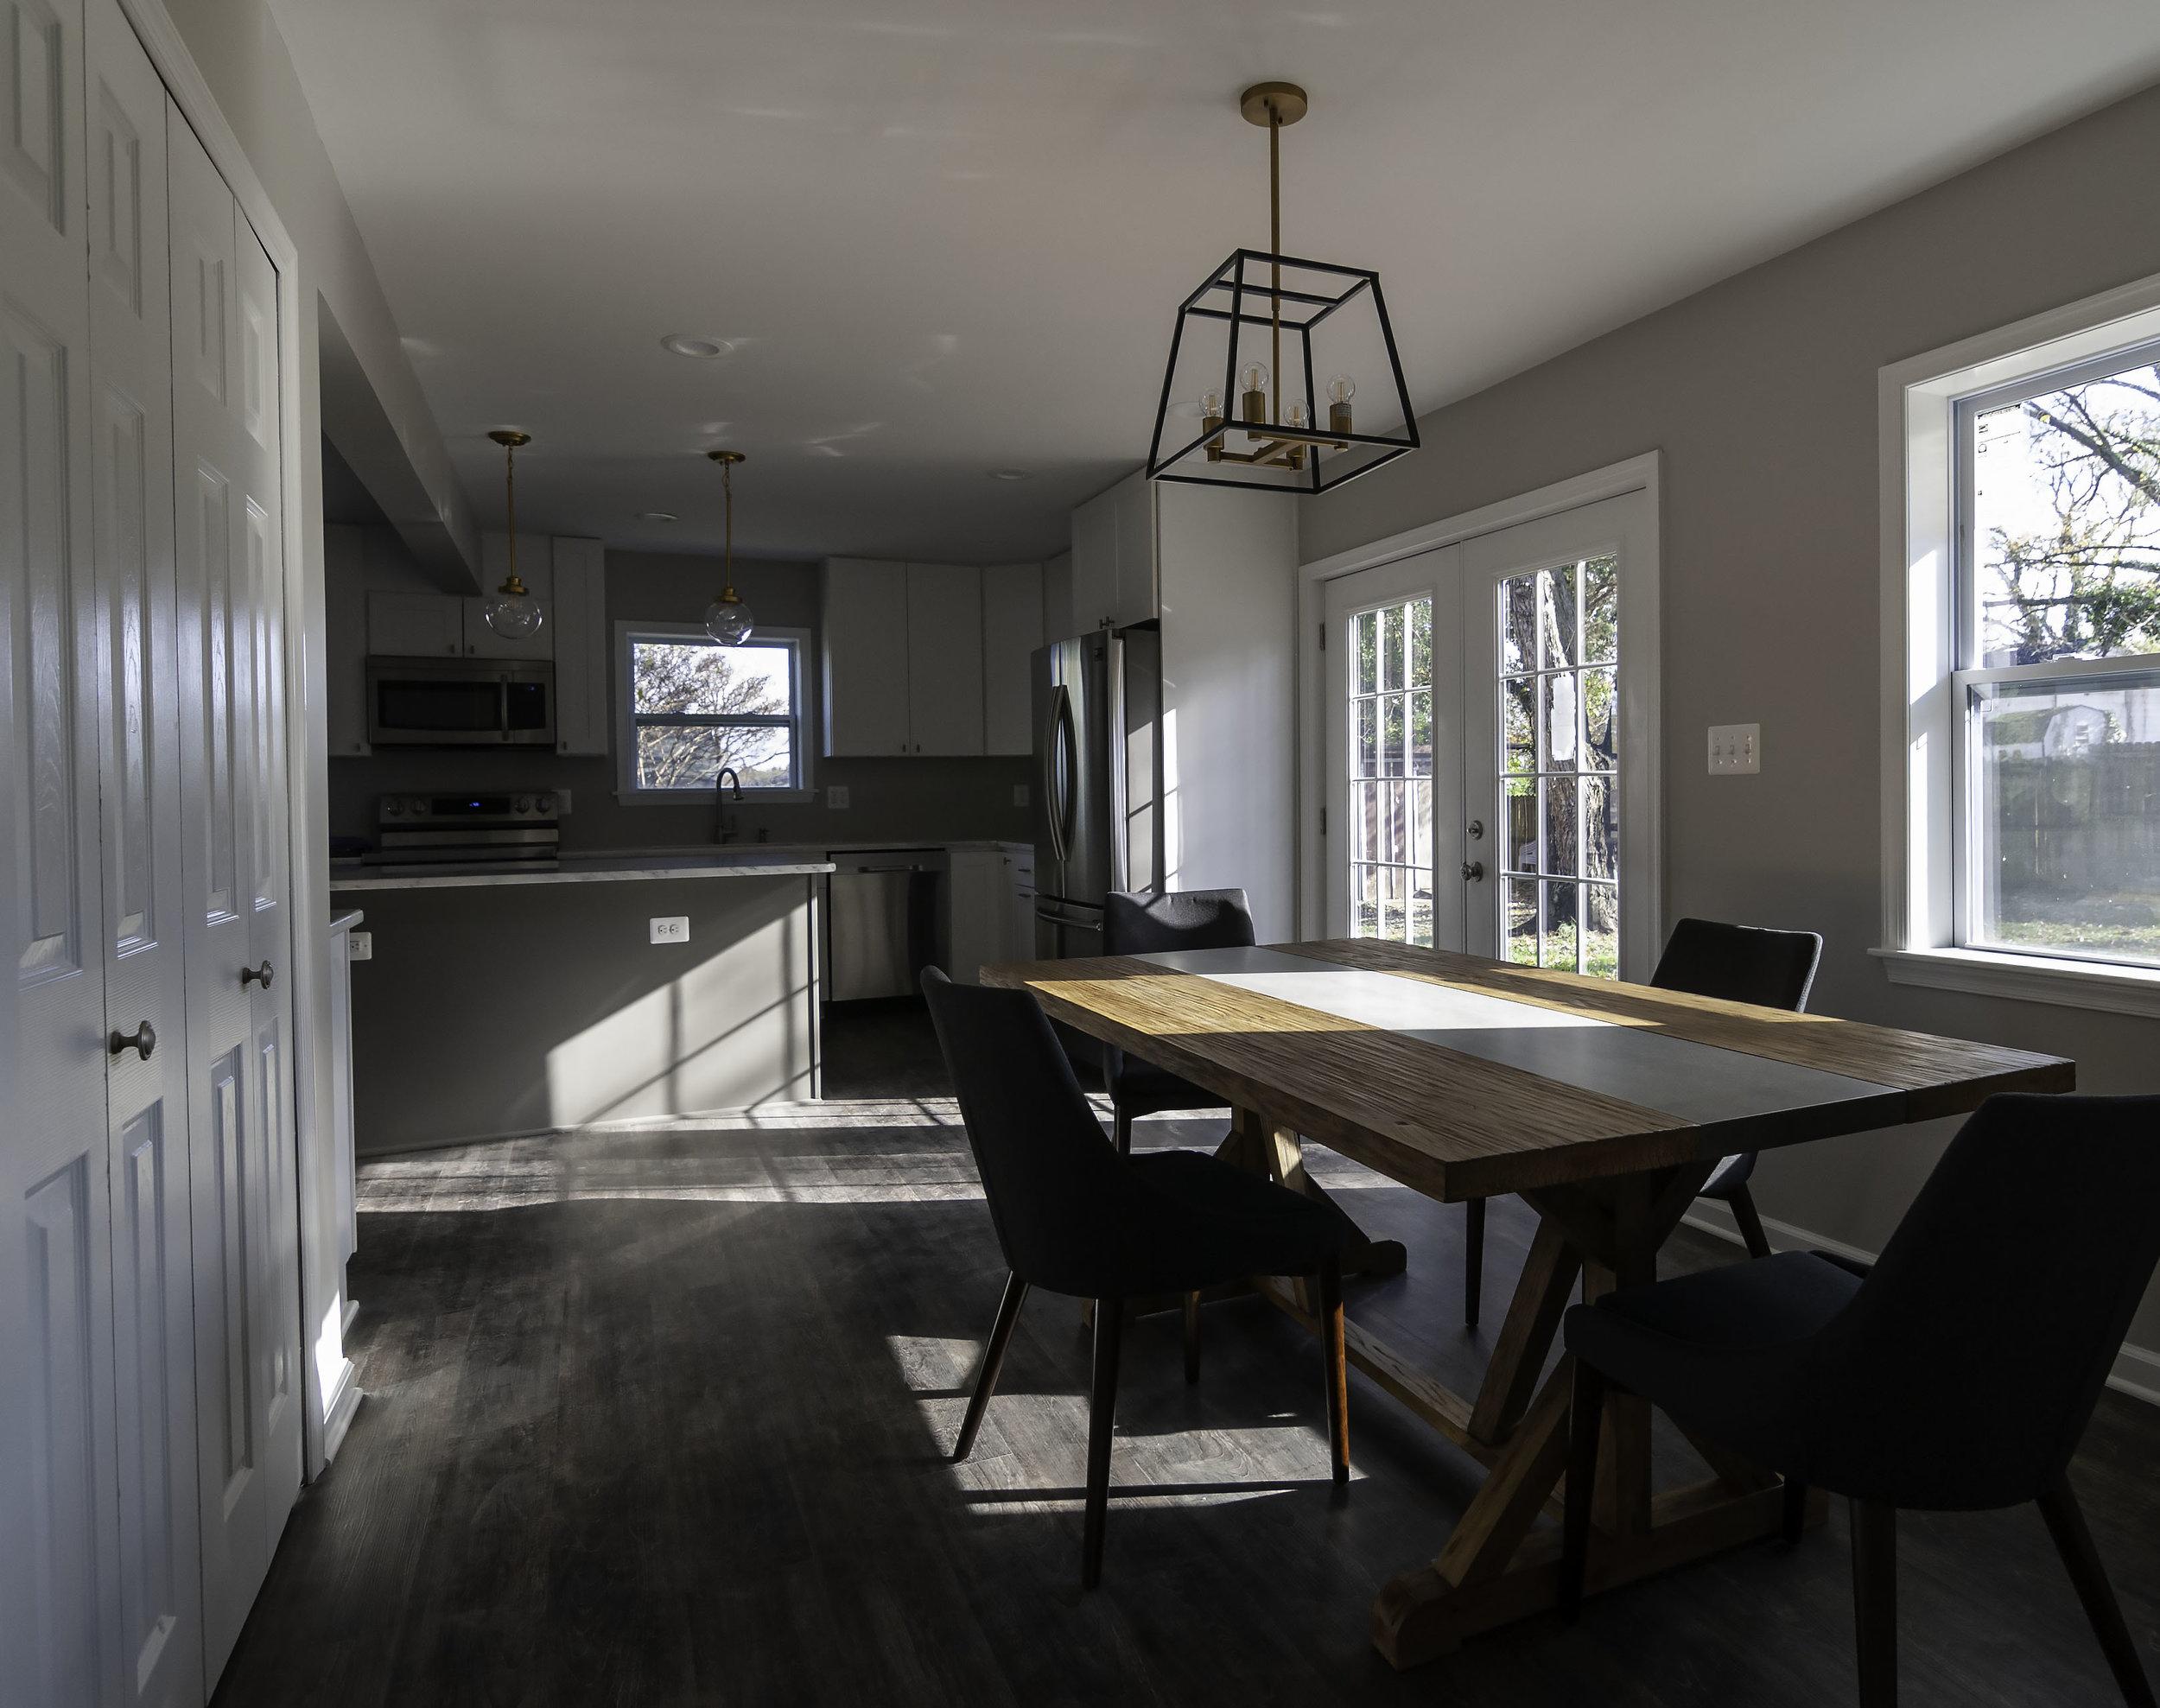 2913 Main kitchen table.jpg